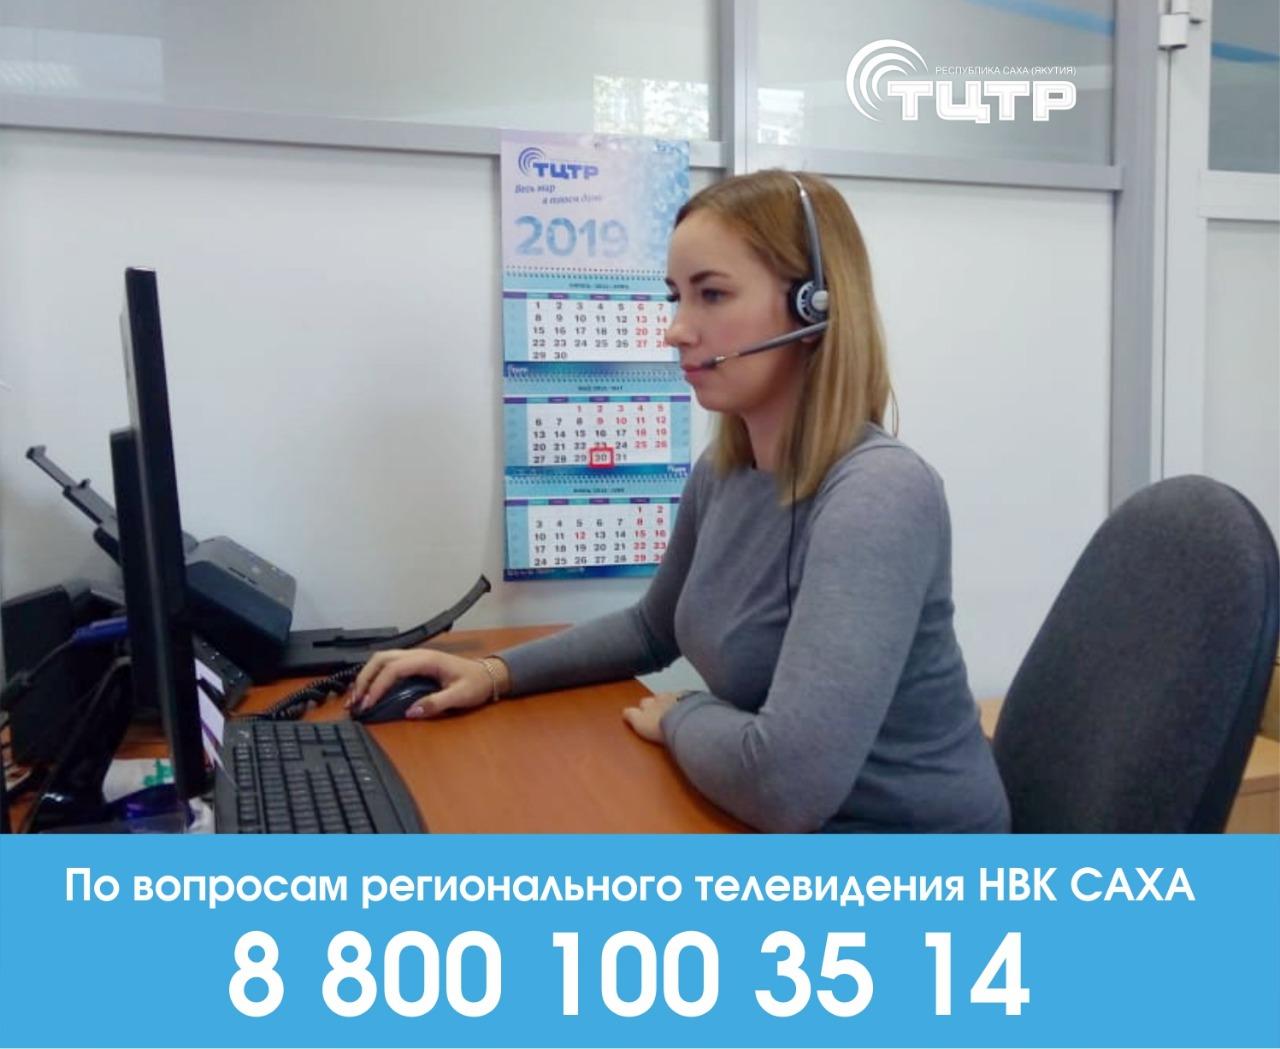 Технический центр телевидения и радиовещания запустил горячую линию по вопросам подключения каналов НВК «Саха»